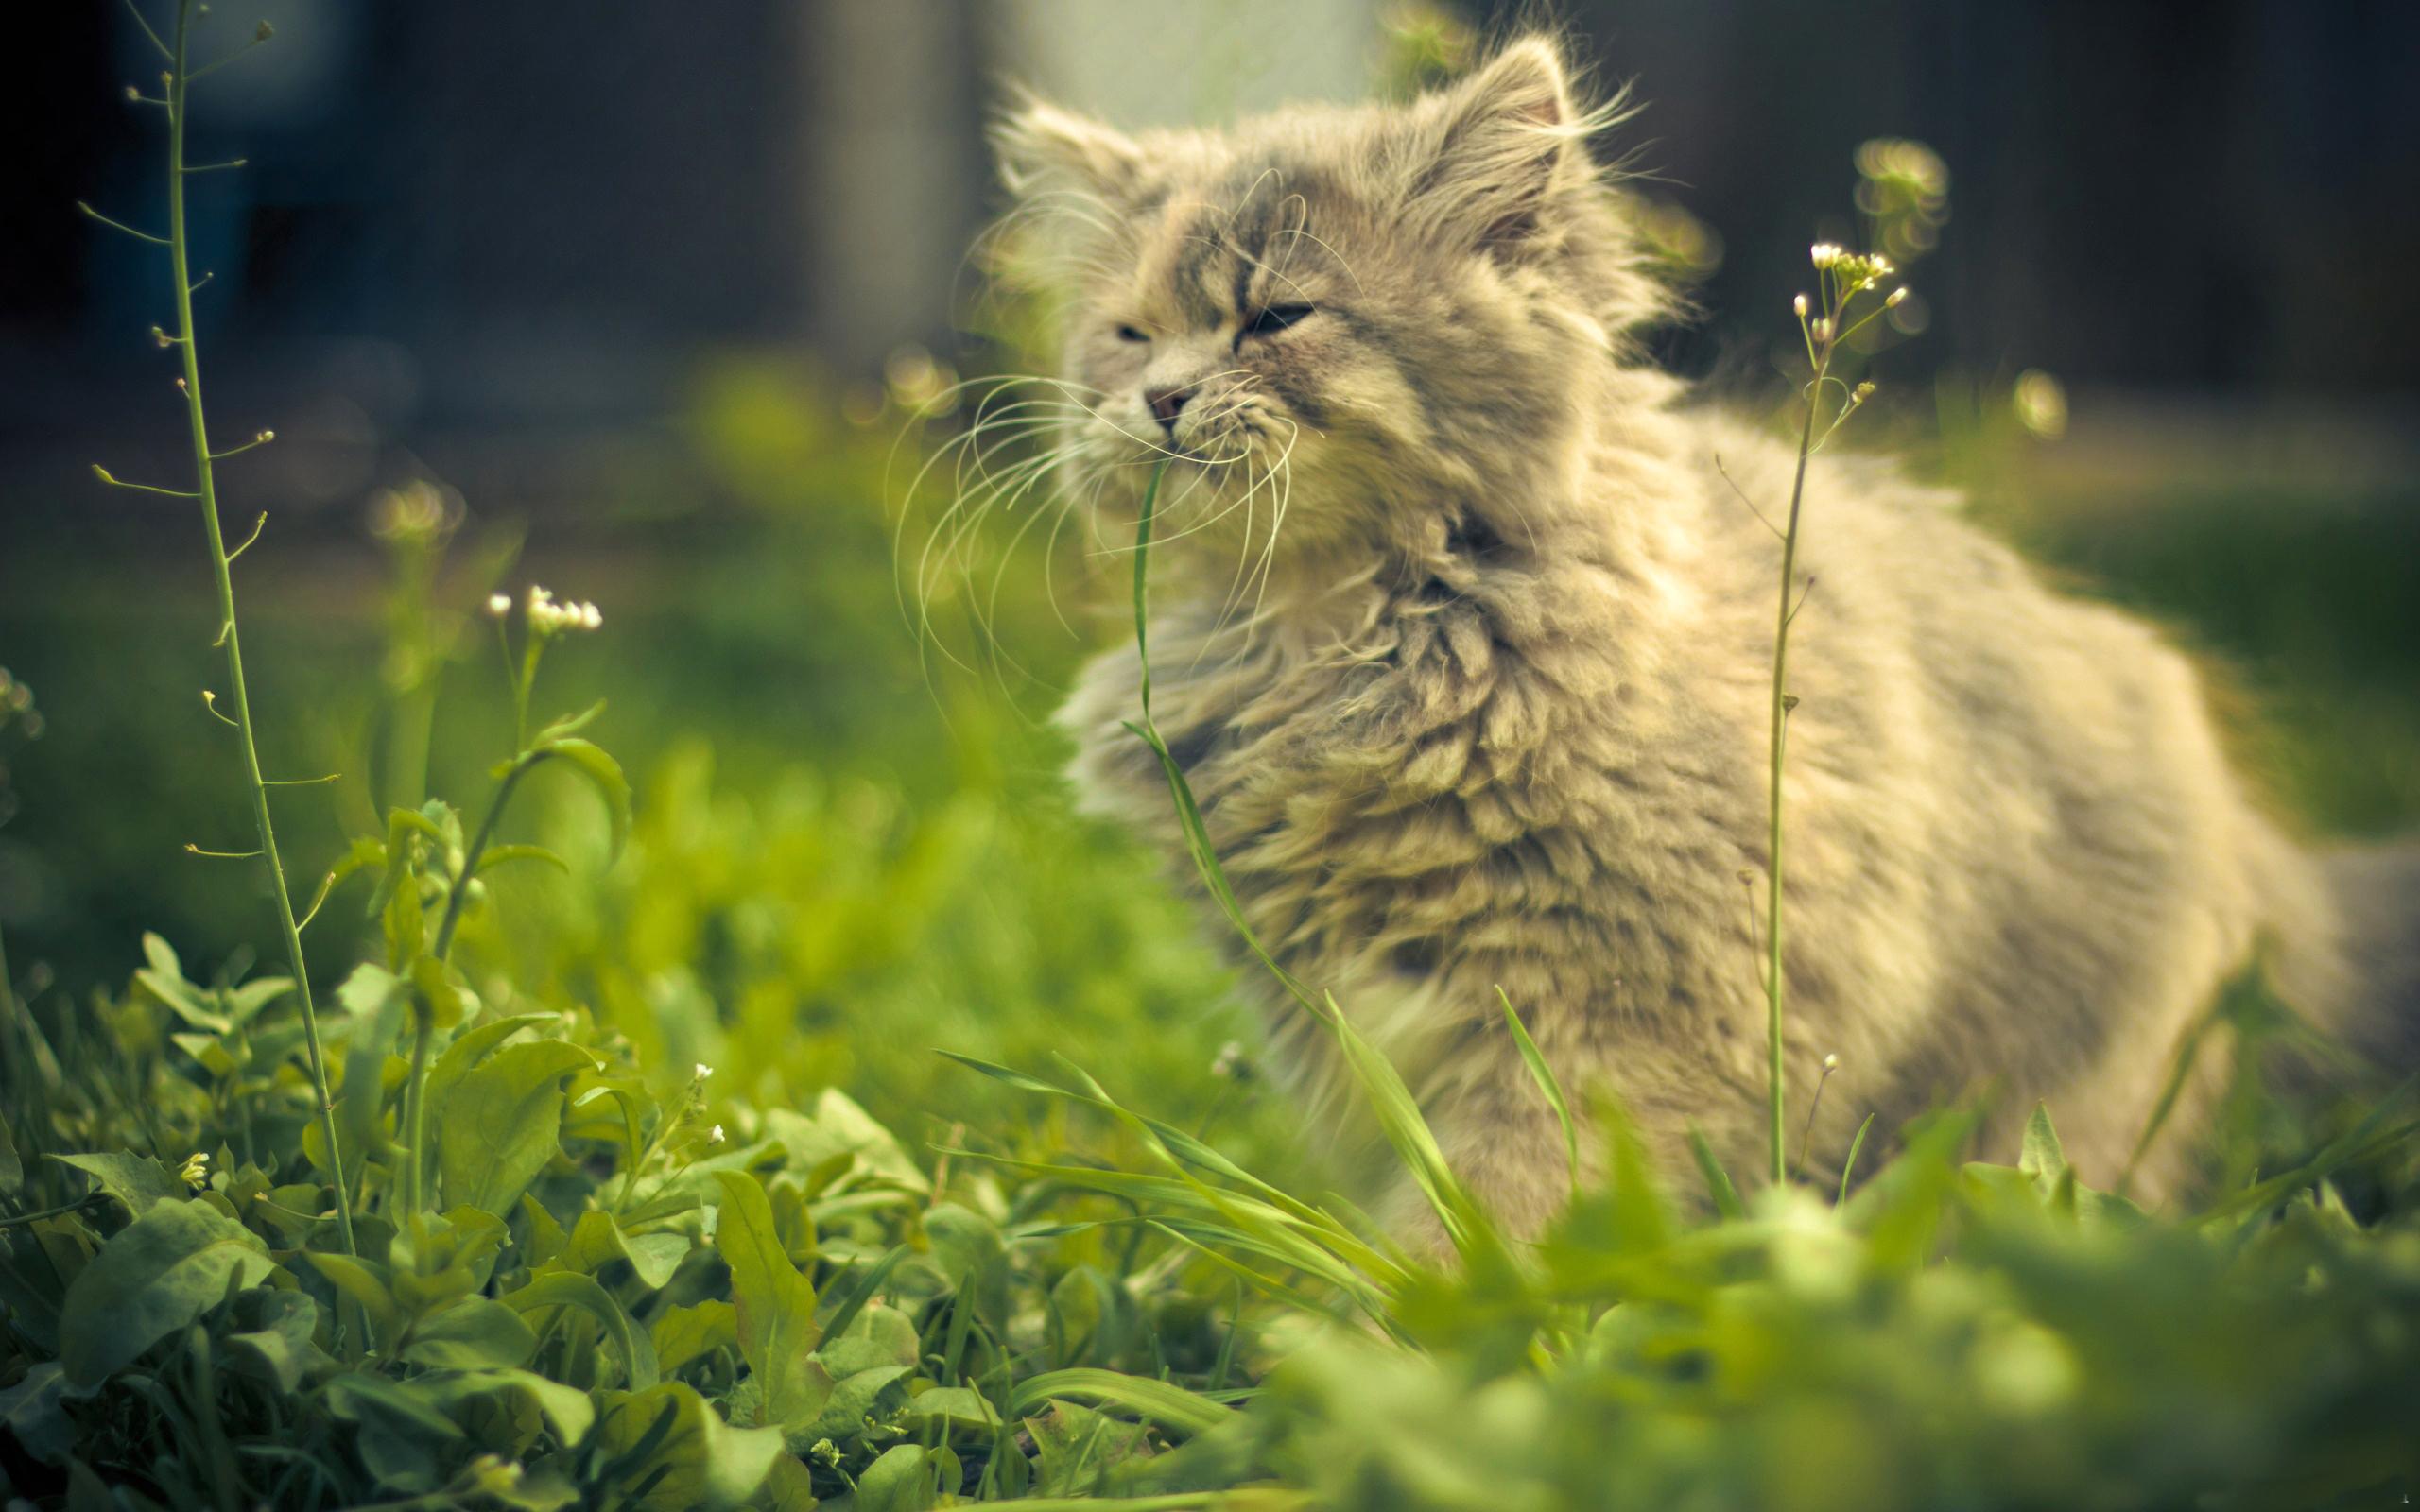 природа животные кот котенок серый загрузить